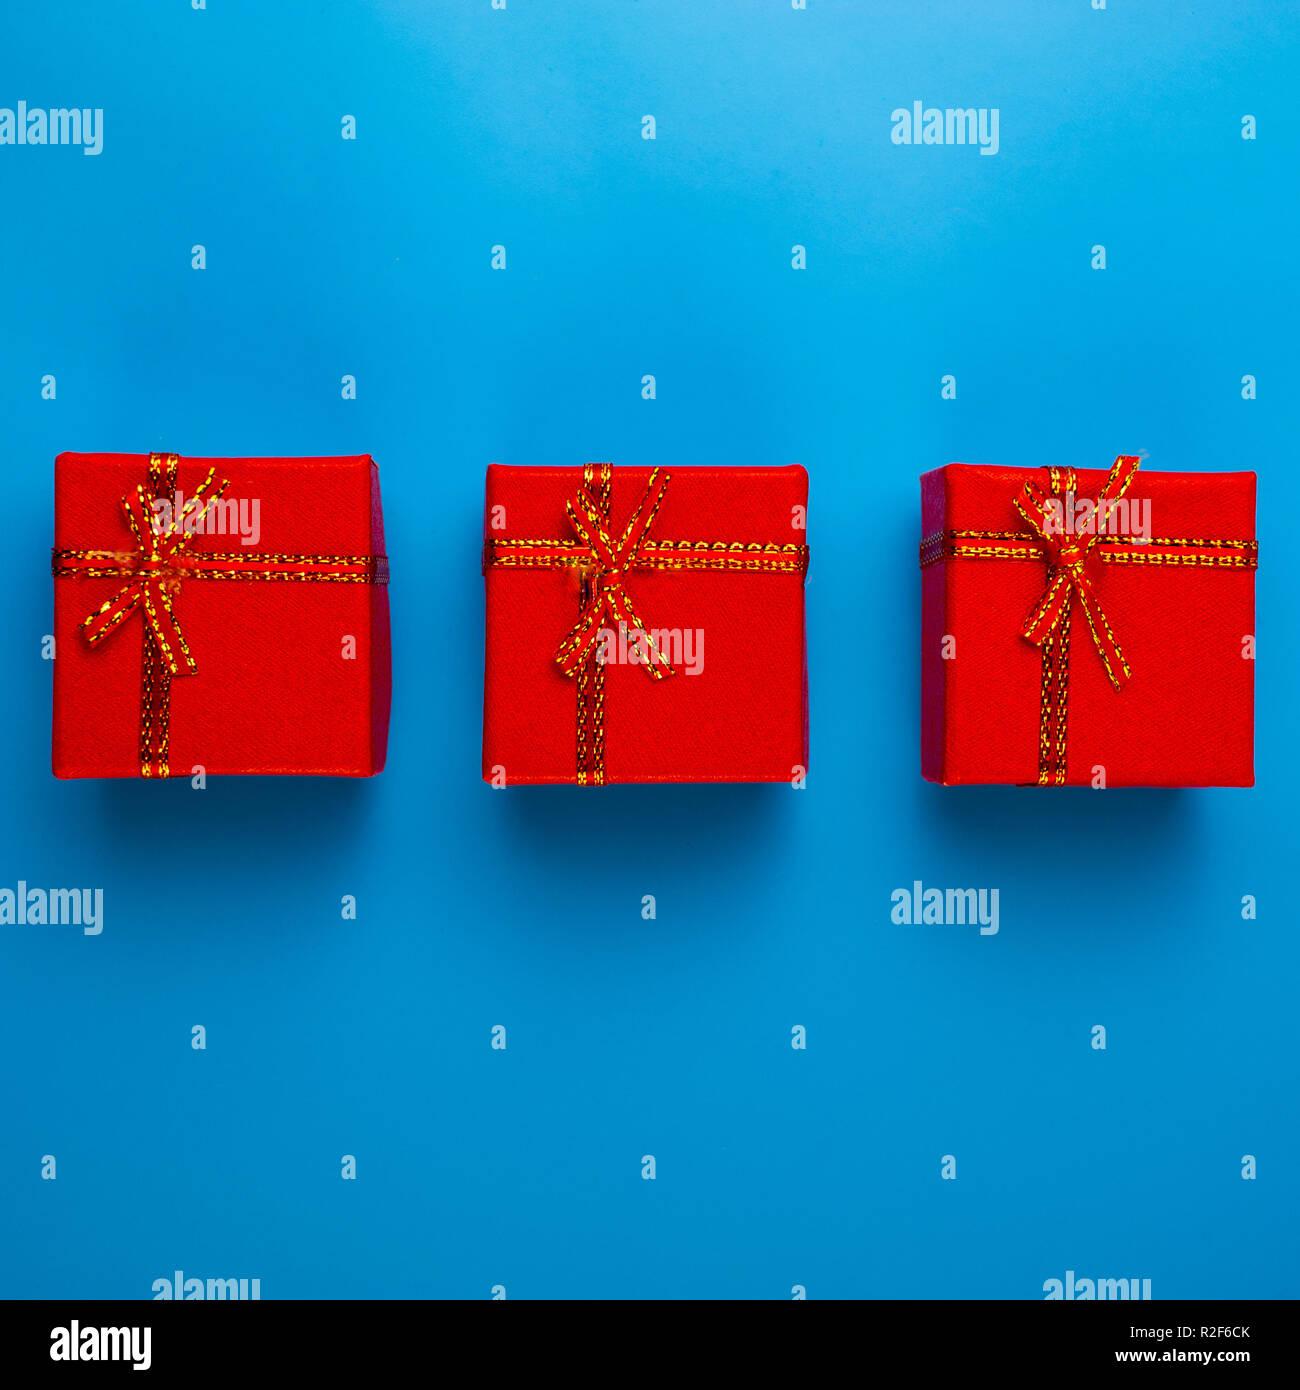 Blog Weihnachtsgeschenke.Drei Rote Boxen Mit Weihnachtsgeschenke Liegen Auf Einem Blauen